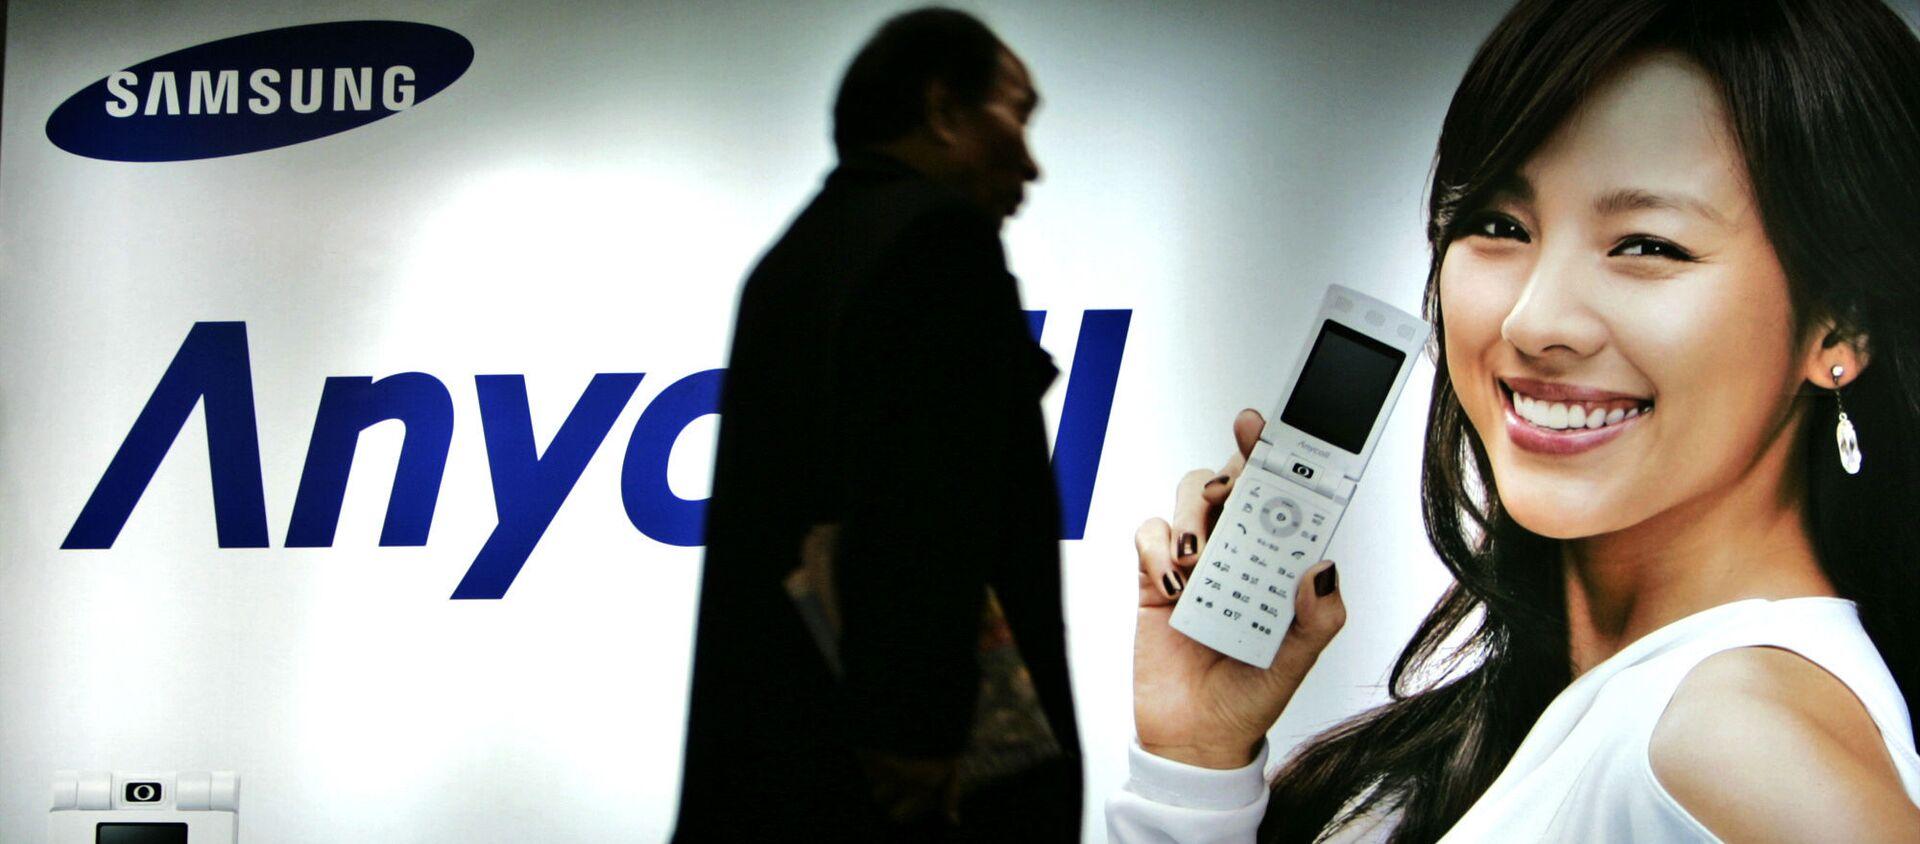 Khách bộ hành đi ngang qua biển quảng cáo Samsung Mobile ở Seoul, Hàn Quốc, năm 2007 - Sputnik Việt Nam, 1920, 03.07.2021